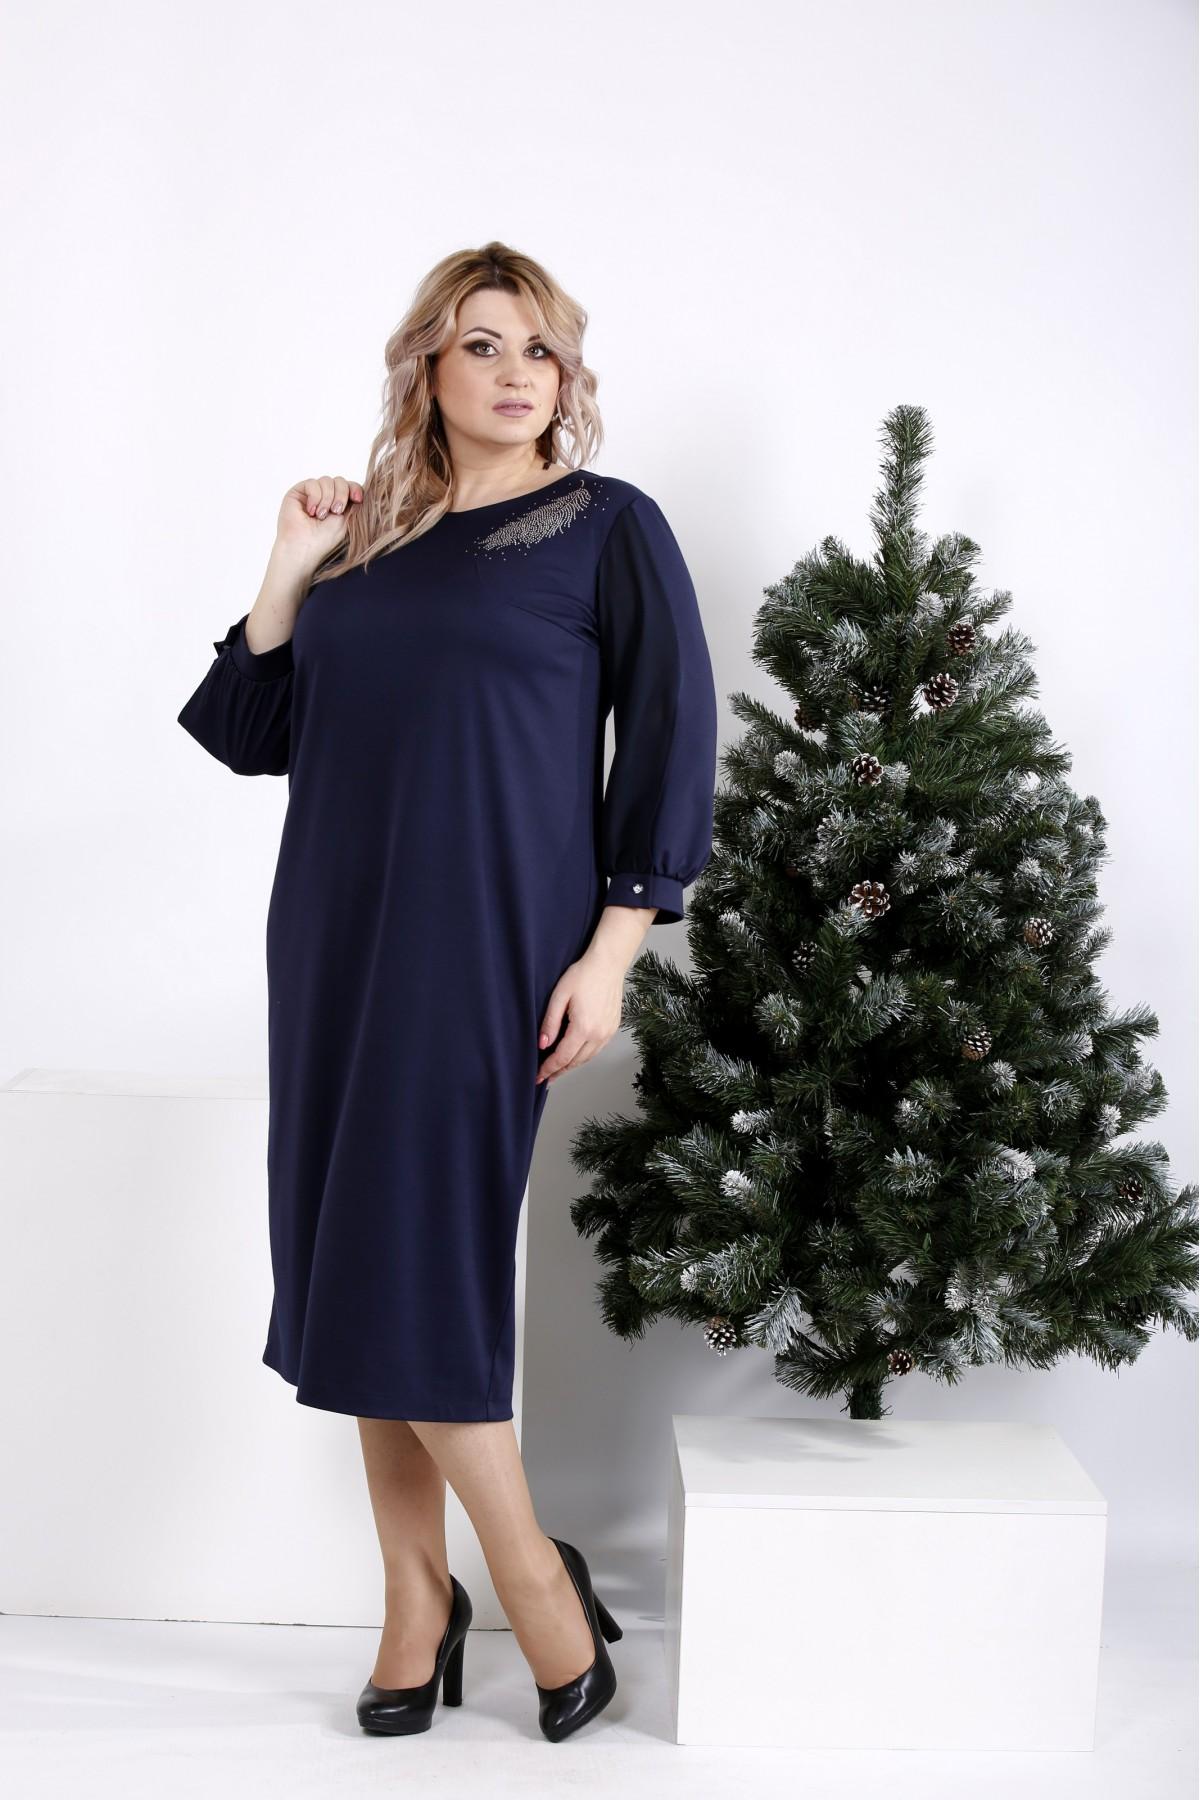 c106431d17cda8 Купити Стильне синє плаття з довгим рукавом | 01009-1 недорого ...